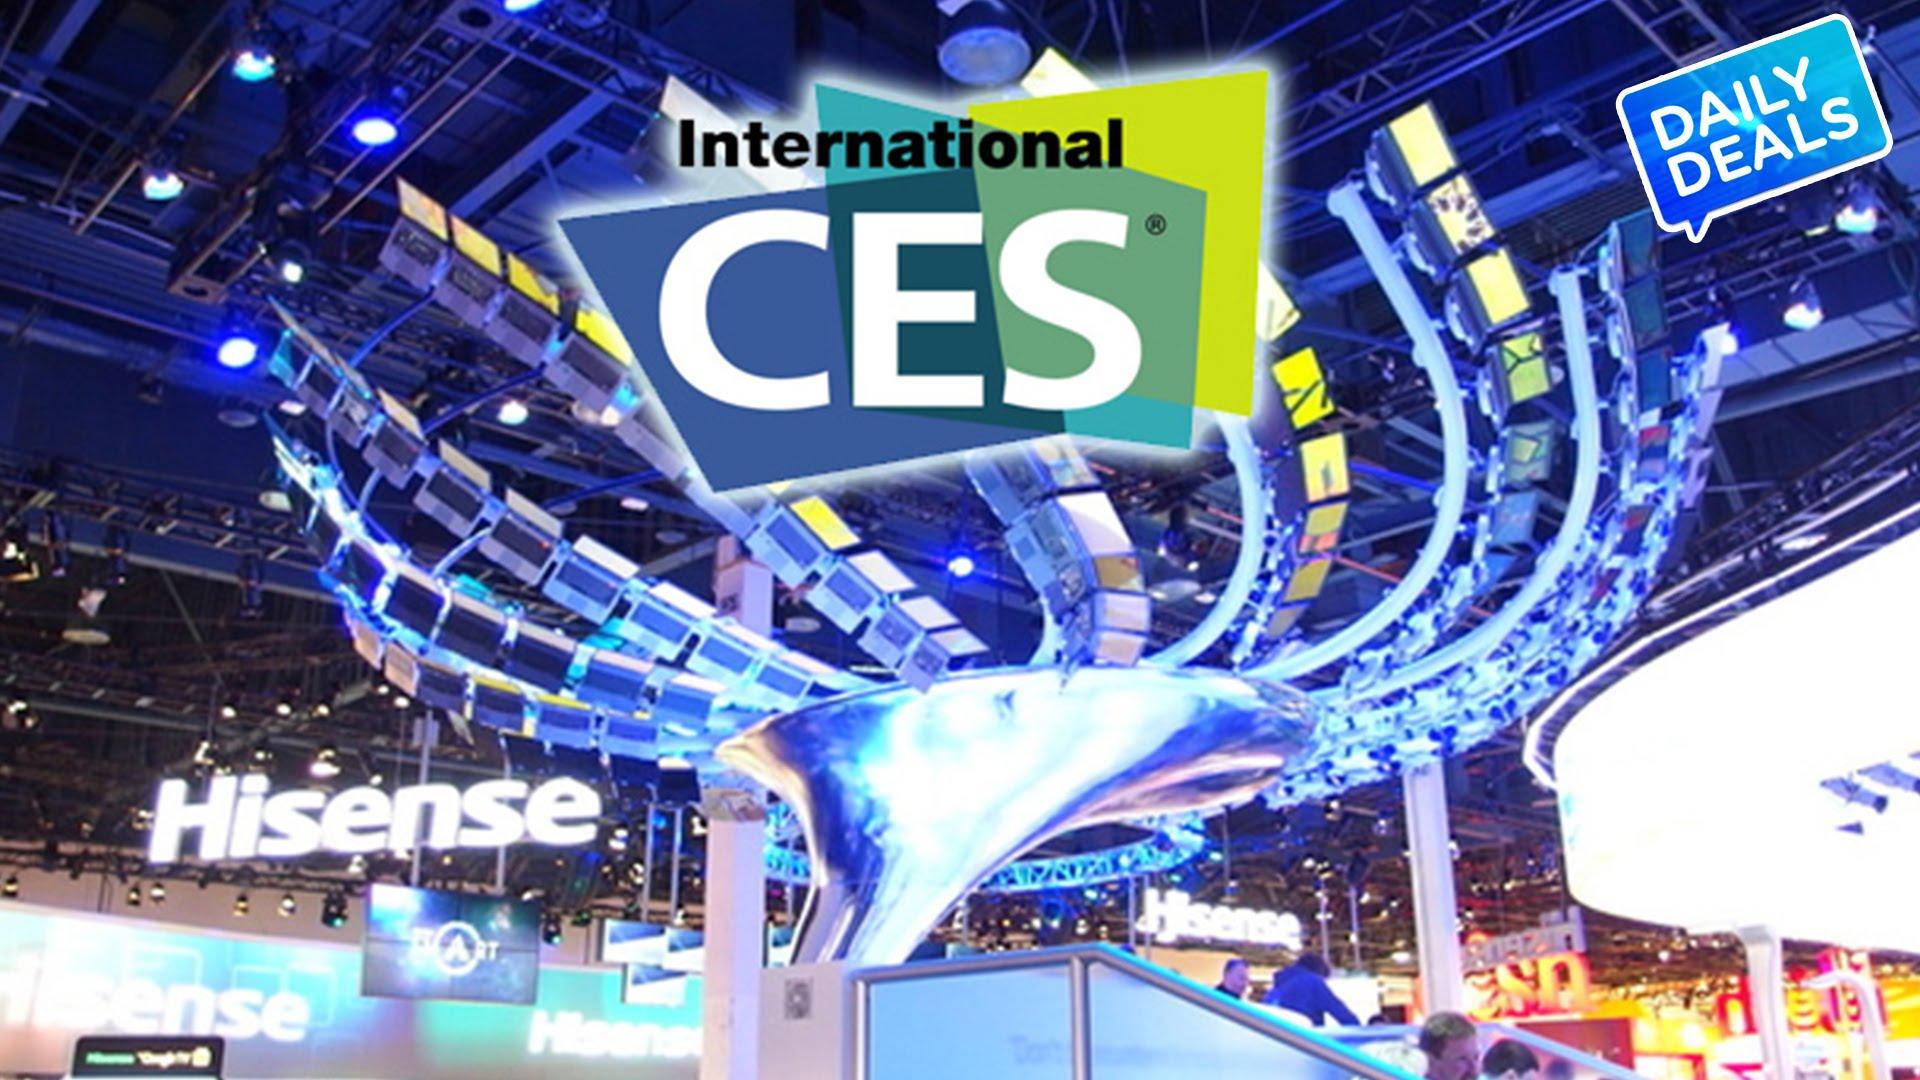 Httpsroboticsandautomationnews20161212robomotion and cesg fandeluxe Choice Image